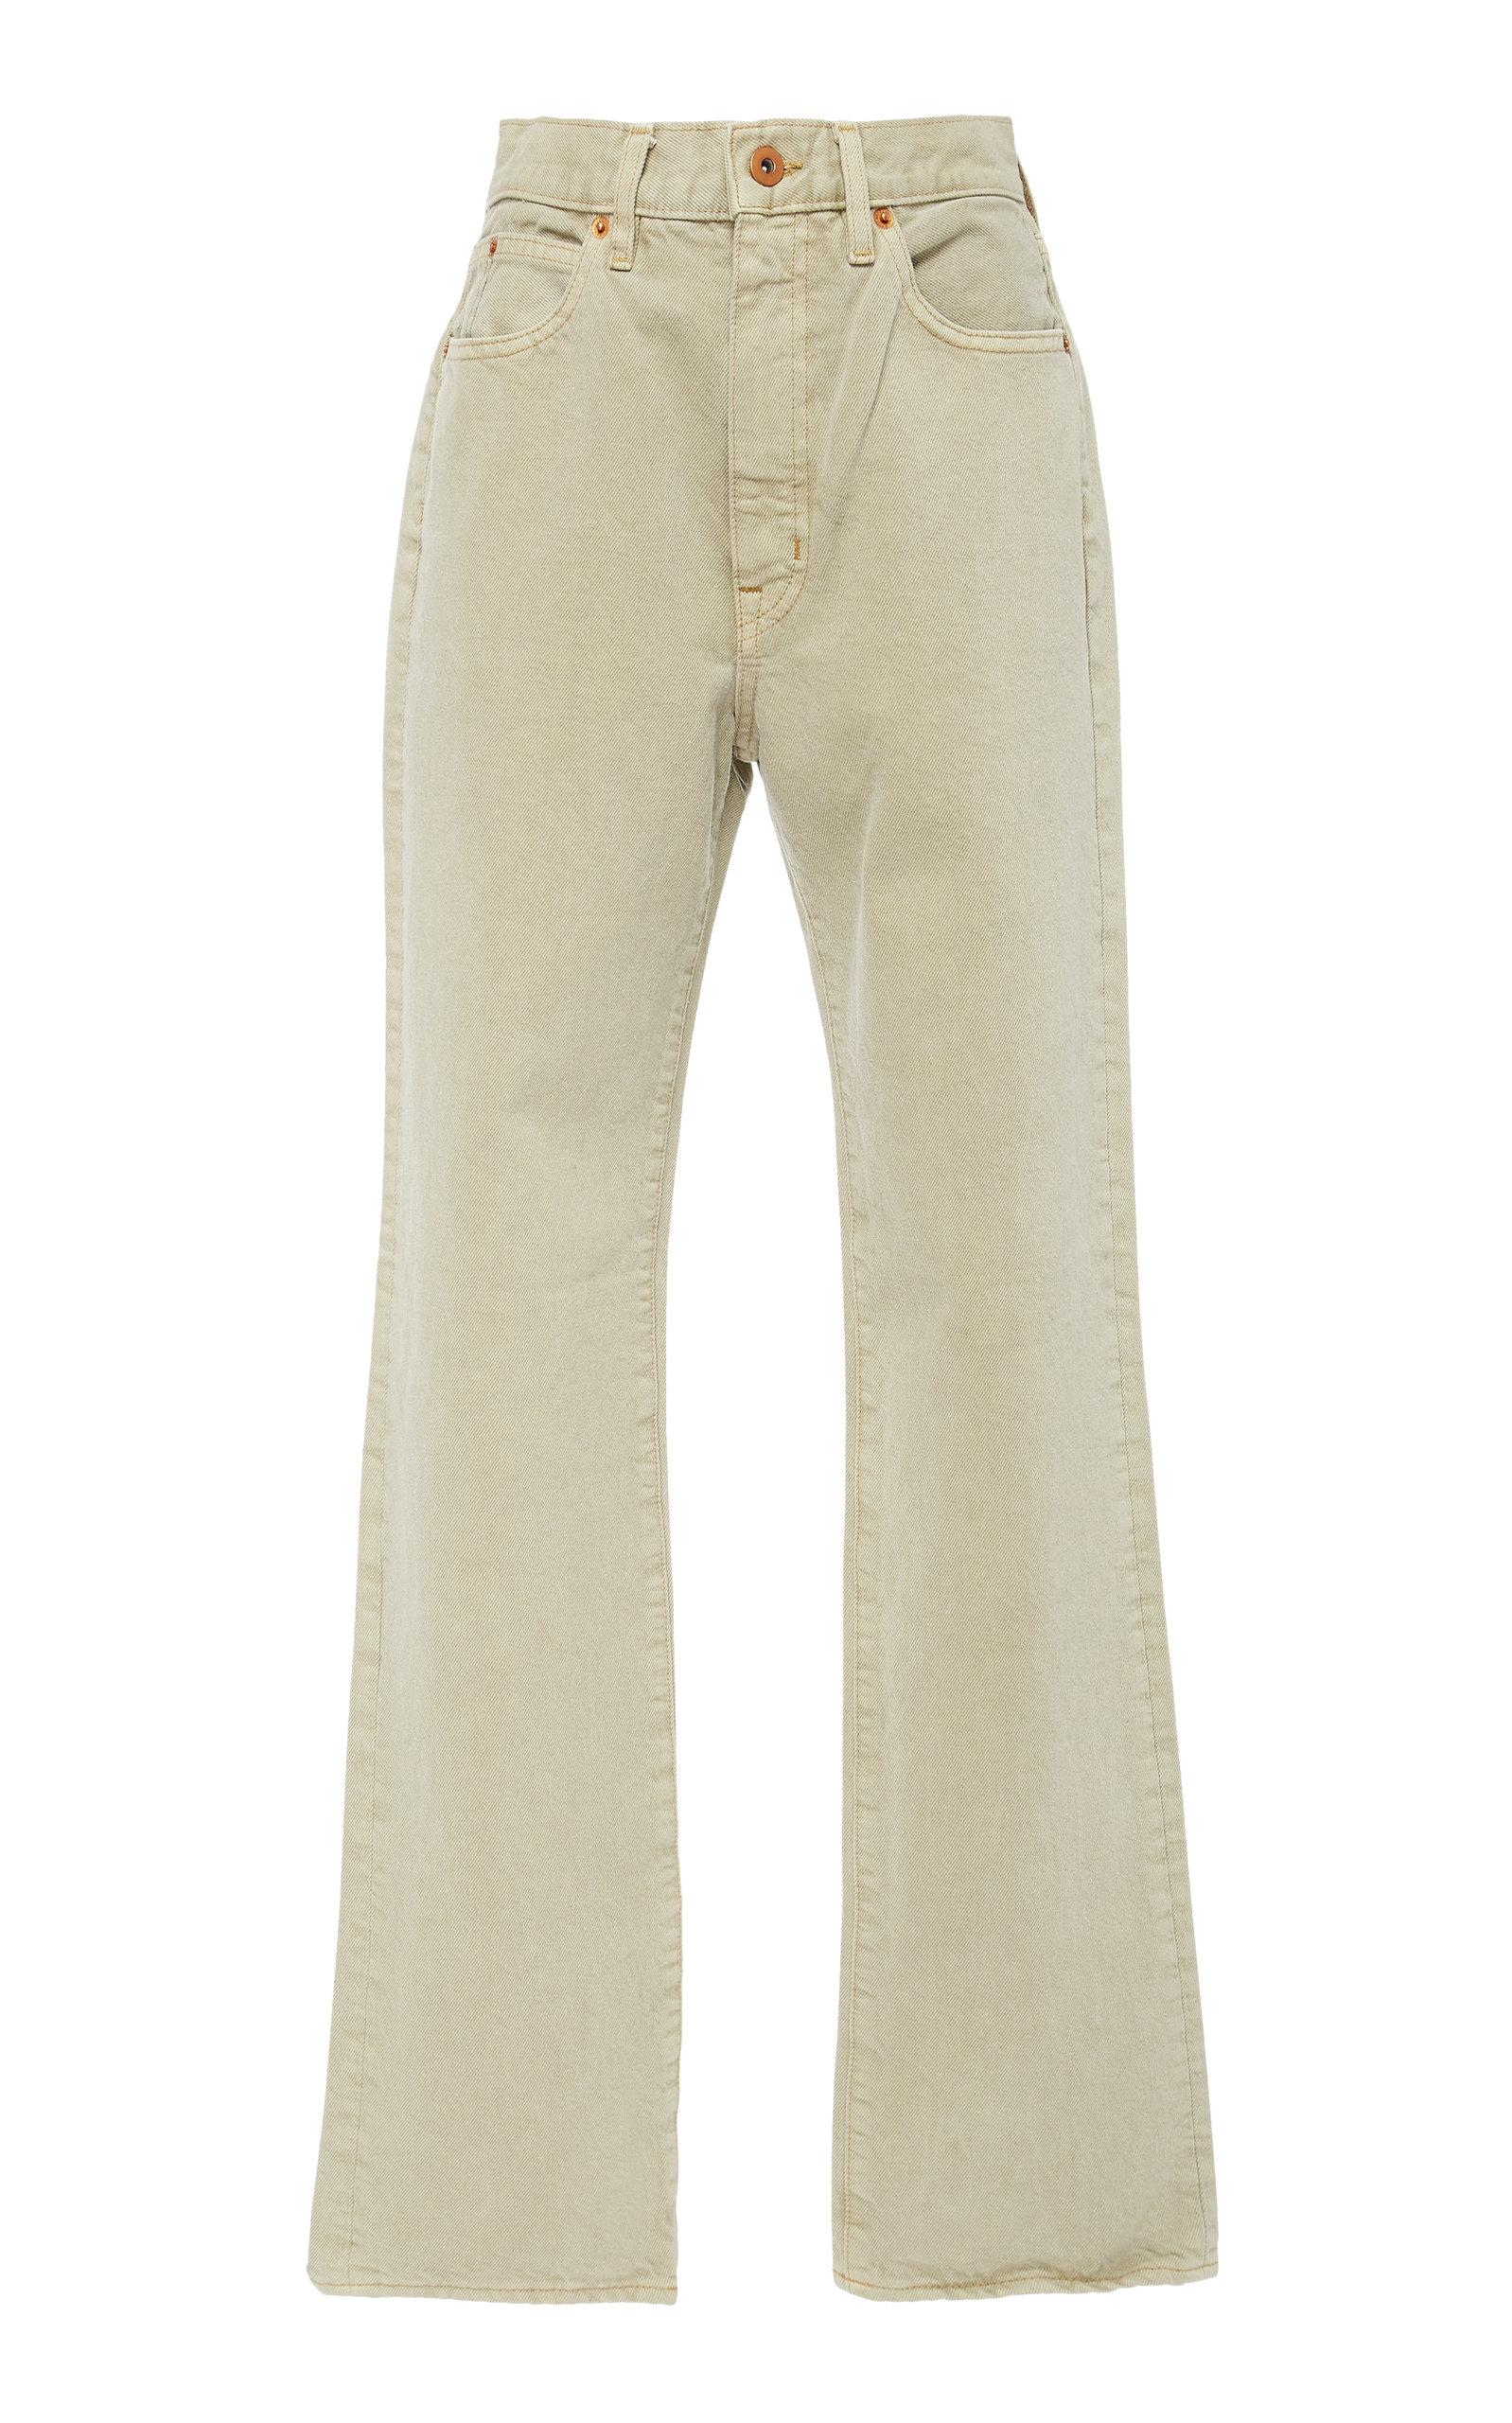 SLVRLAKE DENIM London High-Rise Straight-Leg Jeans in Neutral